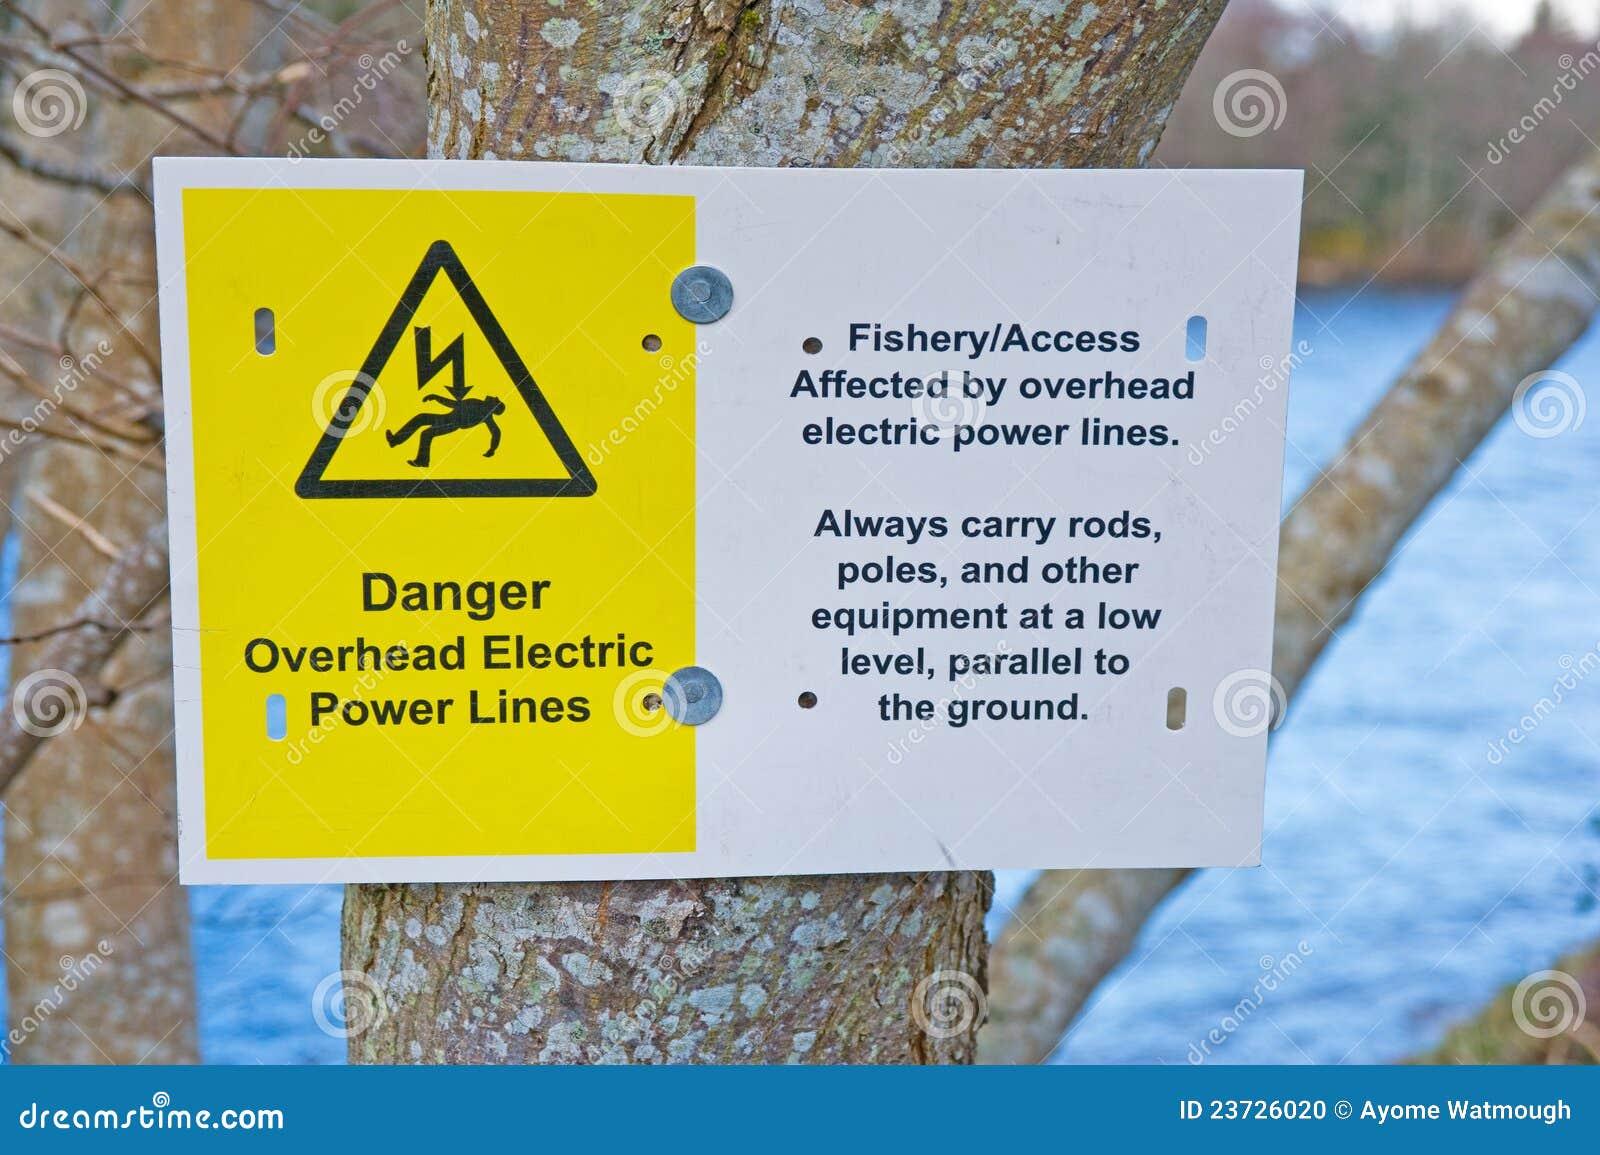 Danger notice for fishermen.